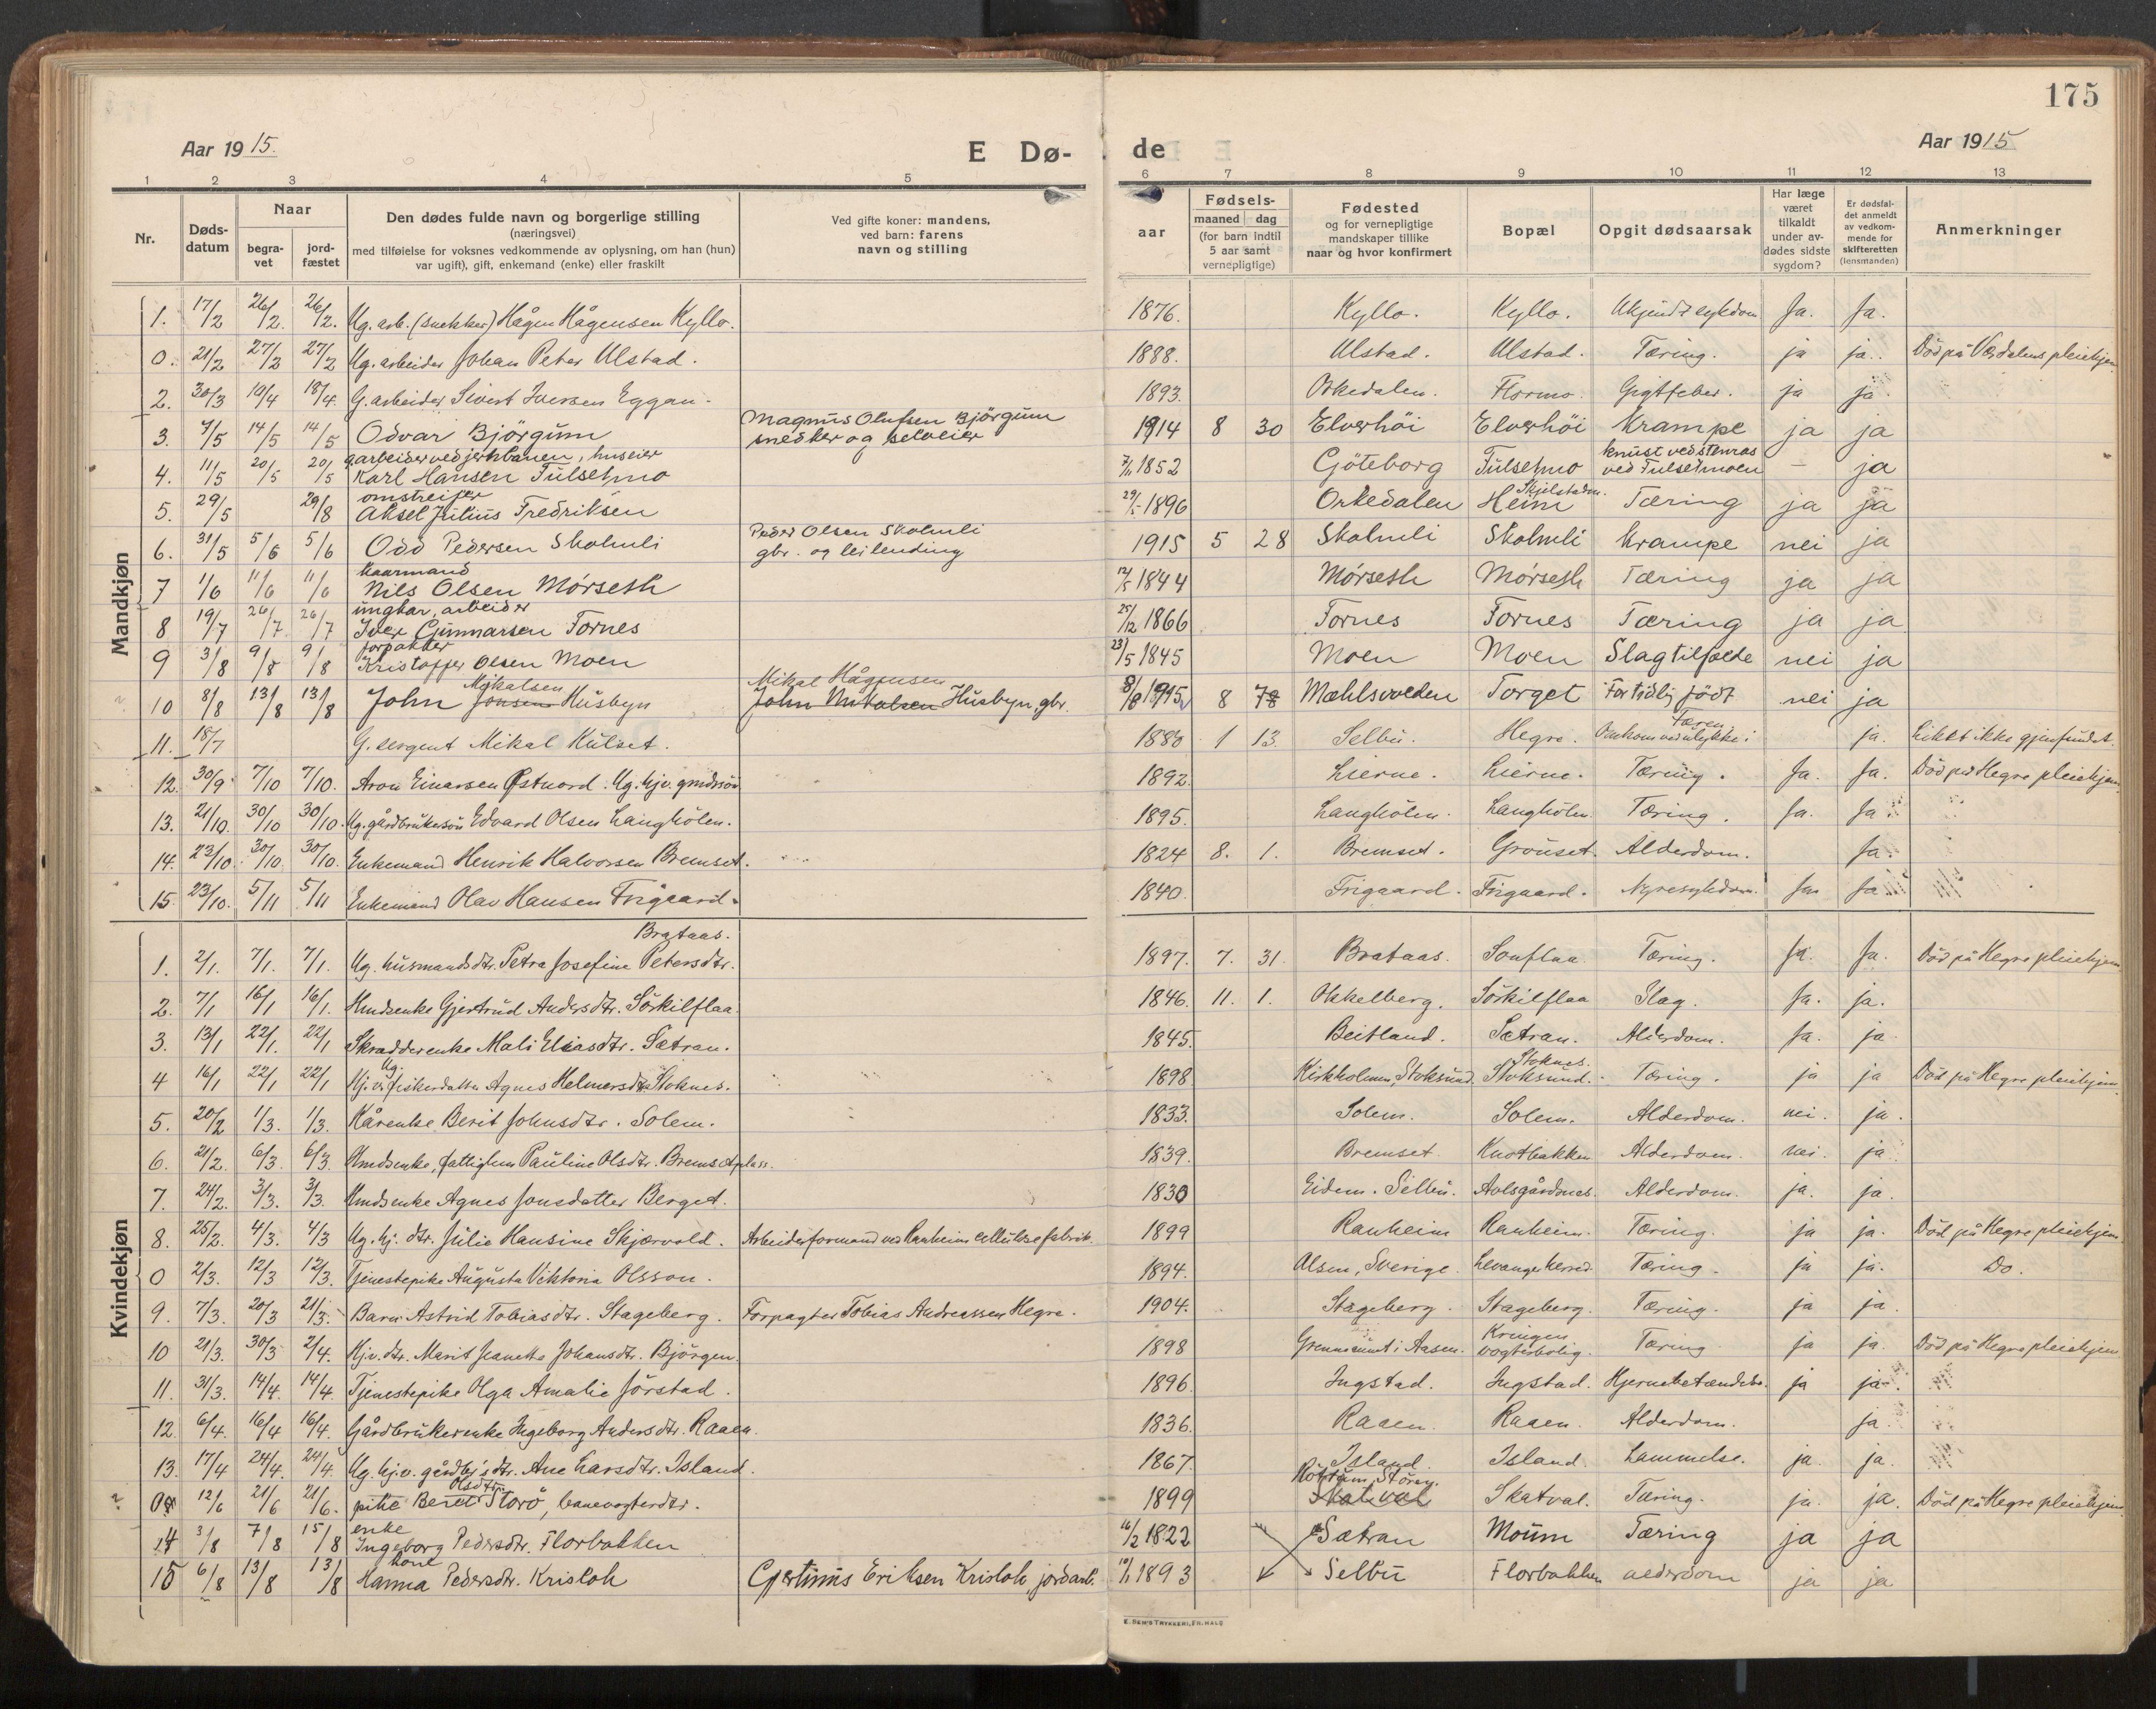 SAT, Ministerialprotokoller, klokkerbøker og fødselsregistre - Nord-Trøndelag, 703/L0037: Parish register (official) no. 703A10, 1915-1932, p. 175